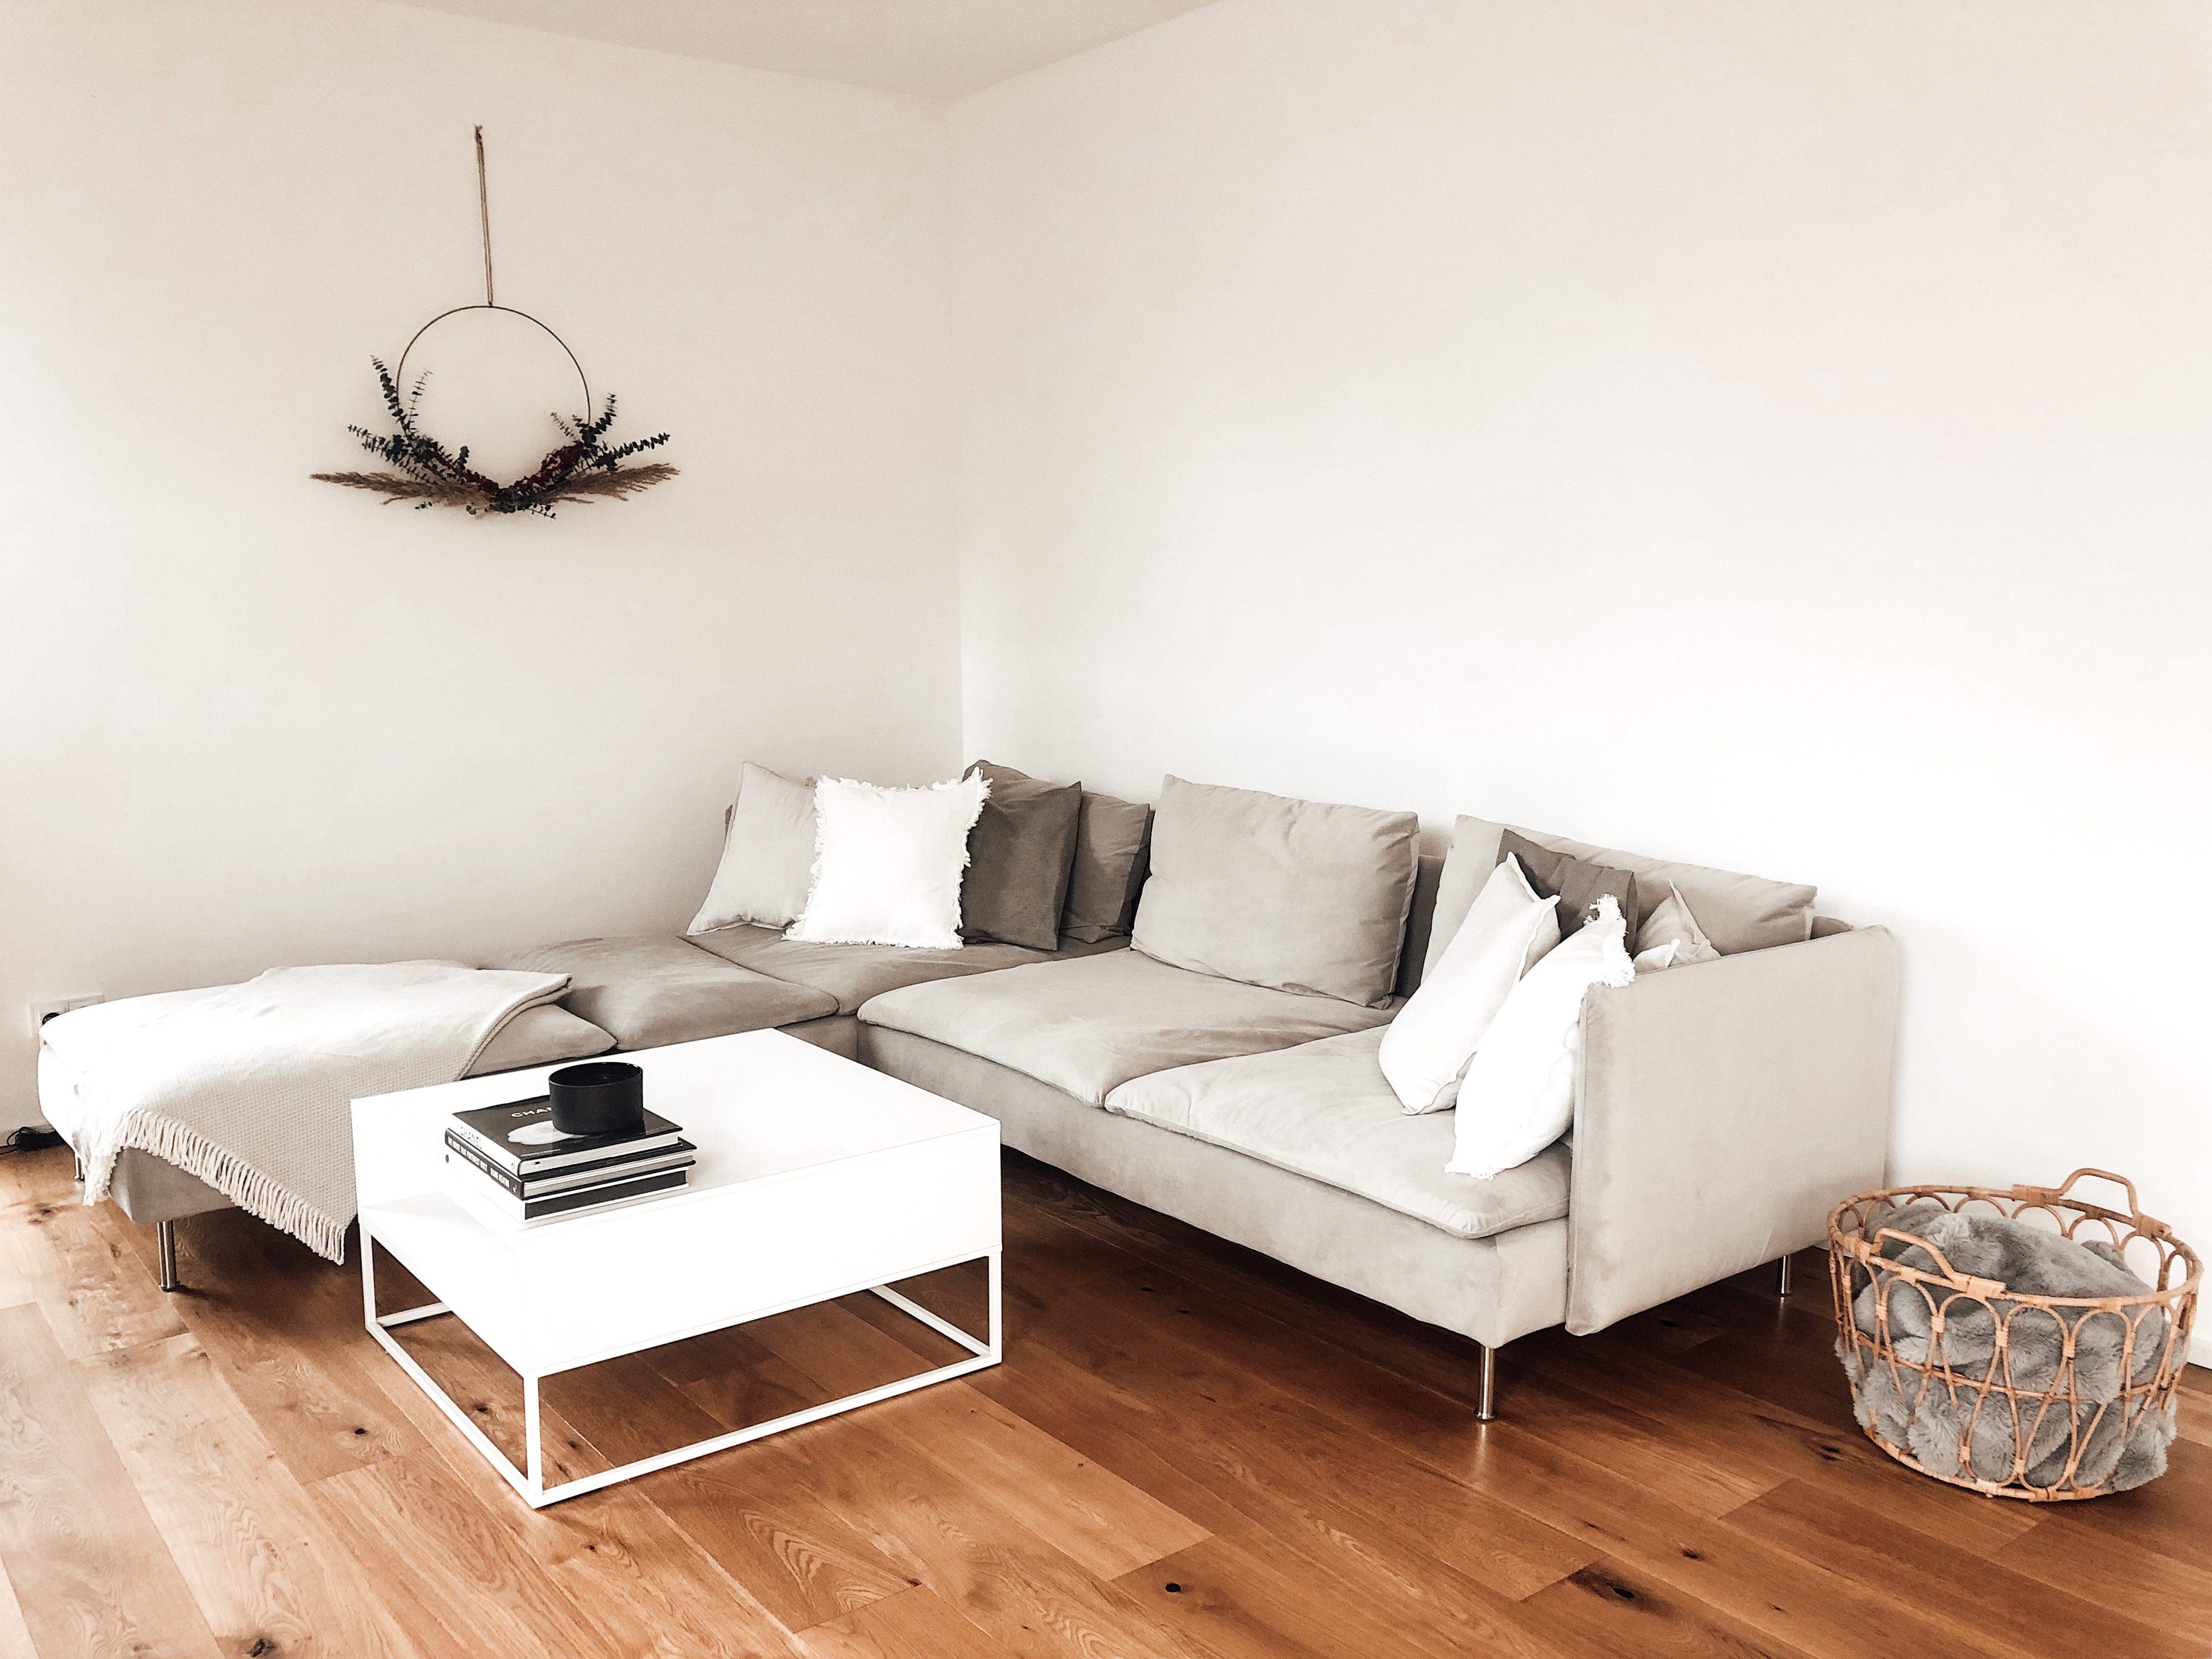 カスタム自由で有能すぎるソファで自分好みのお部屋をアレンジしましょう